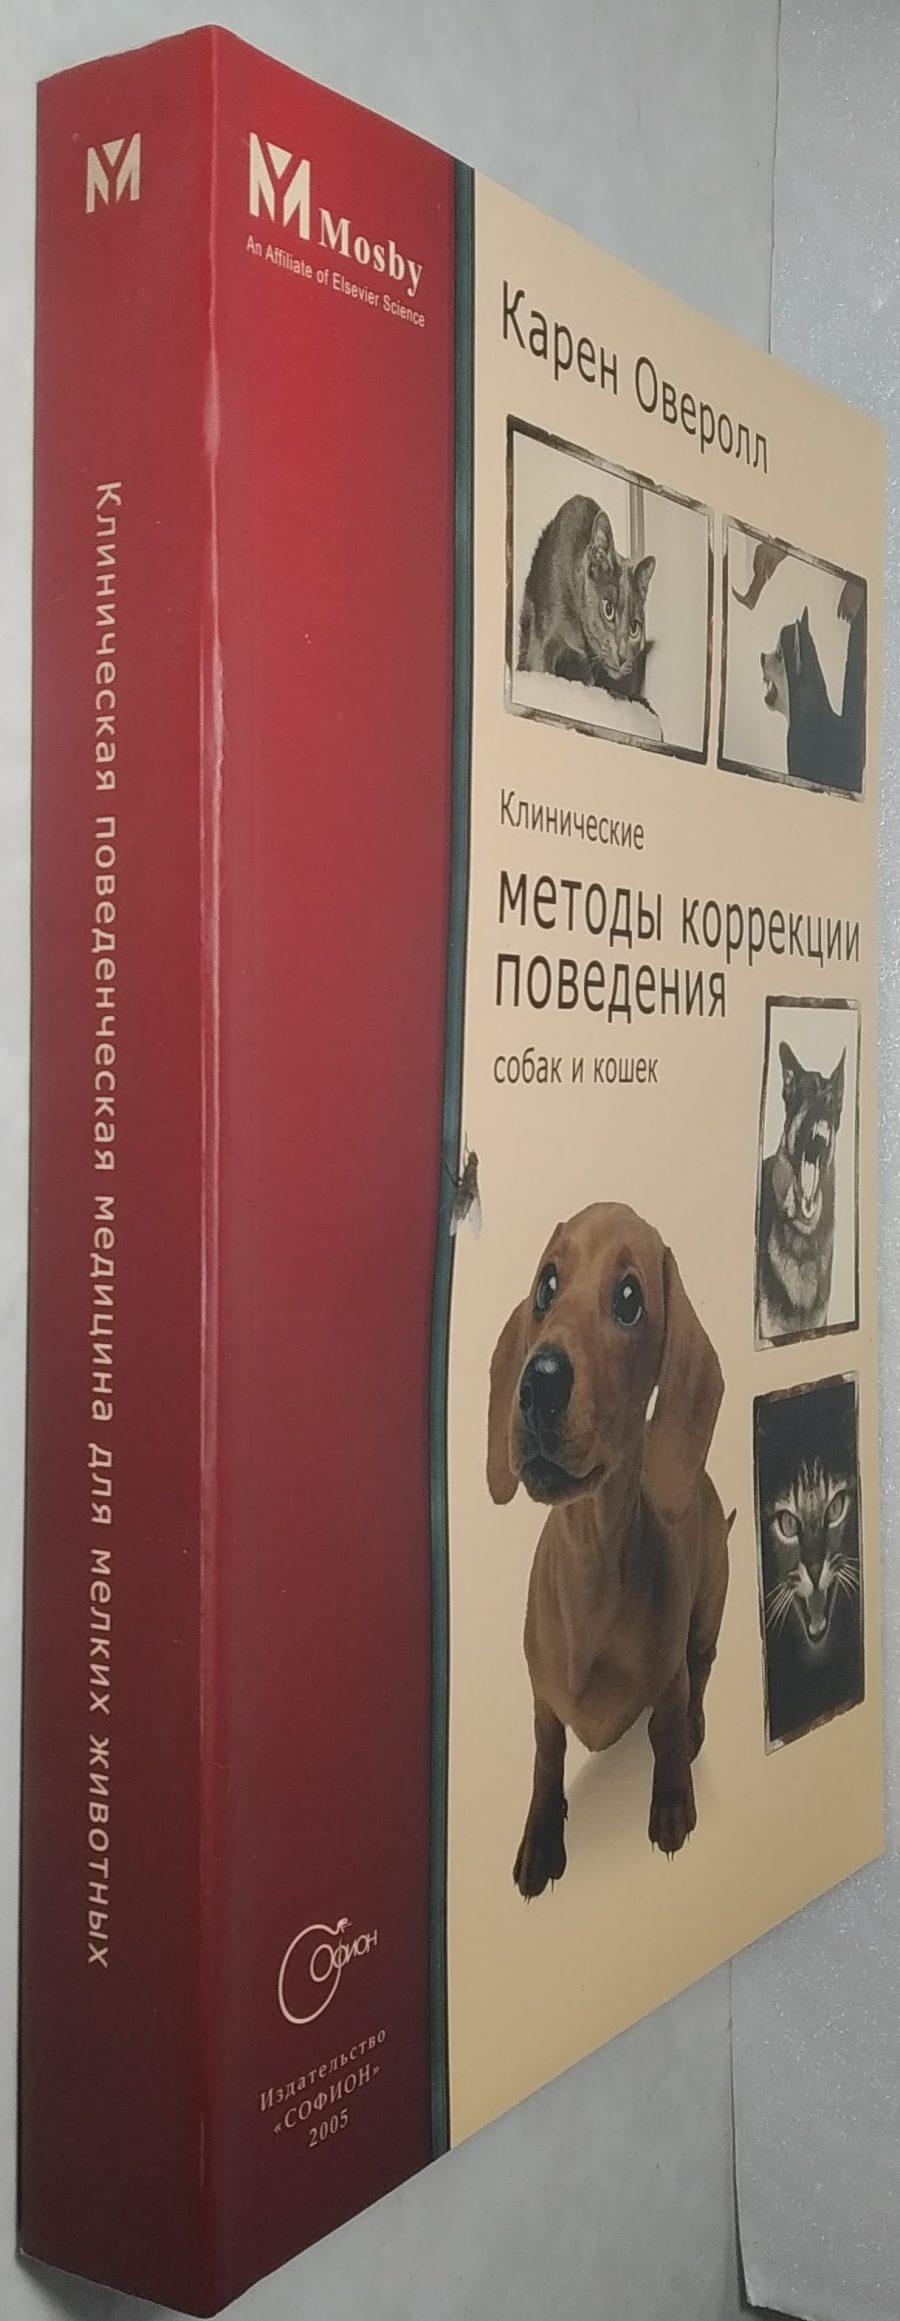 Оверолл Карен. Клинические методы коррекции поведения собак и кошек.